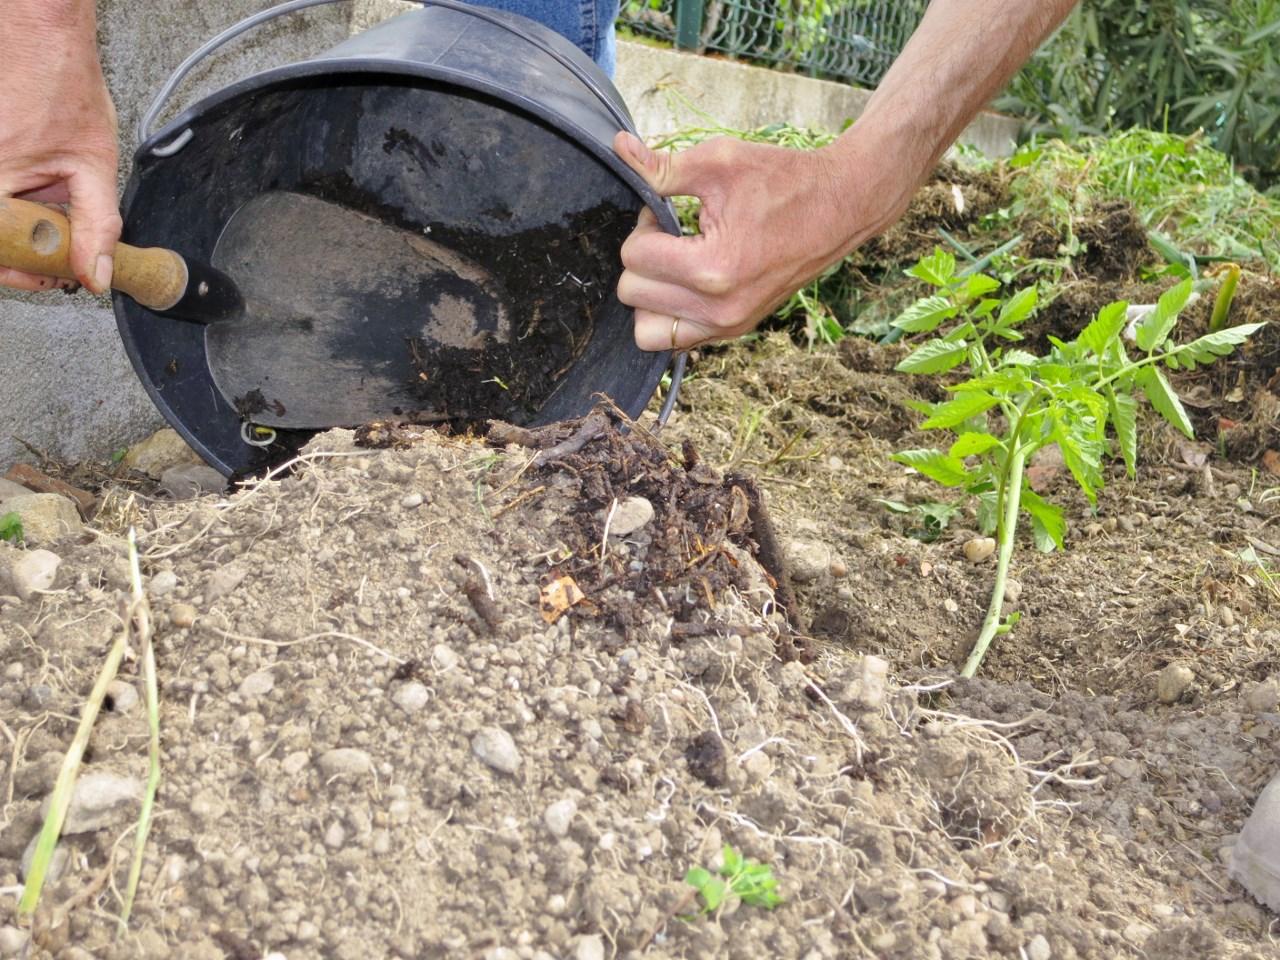 Comment Faire Pousser Des Tomates Dans Une Terre Pauvre Argileuse Et Caillouteuse